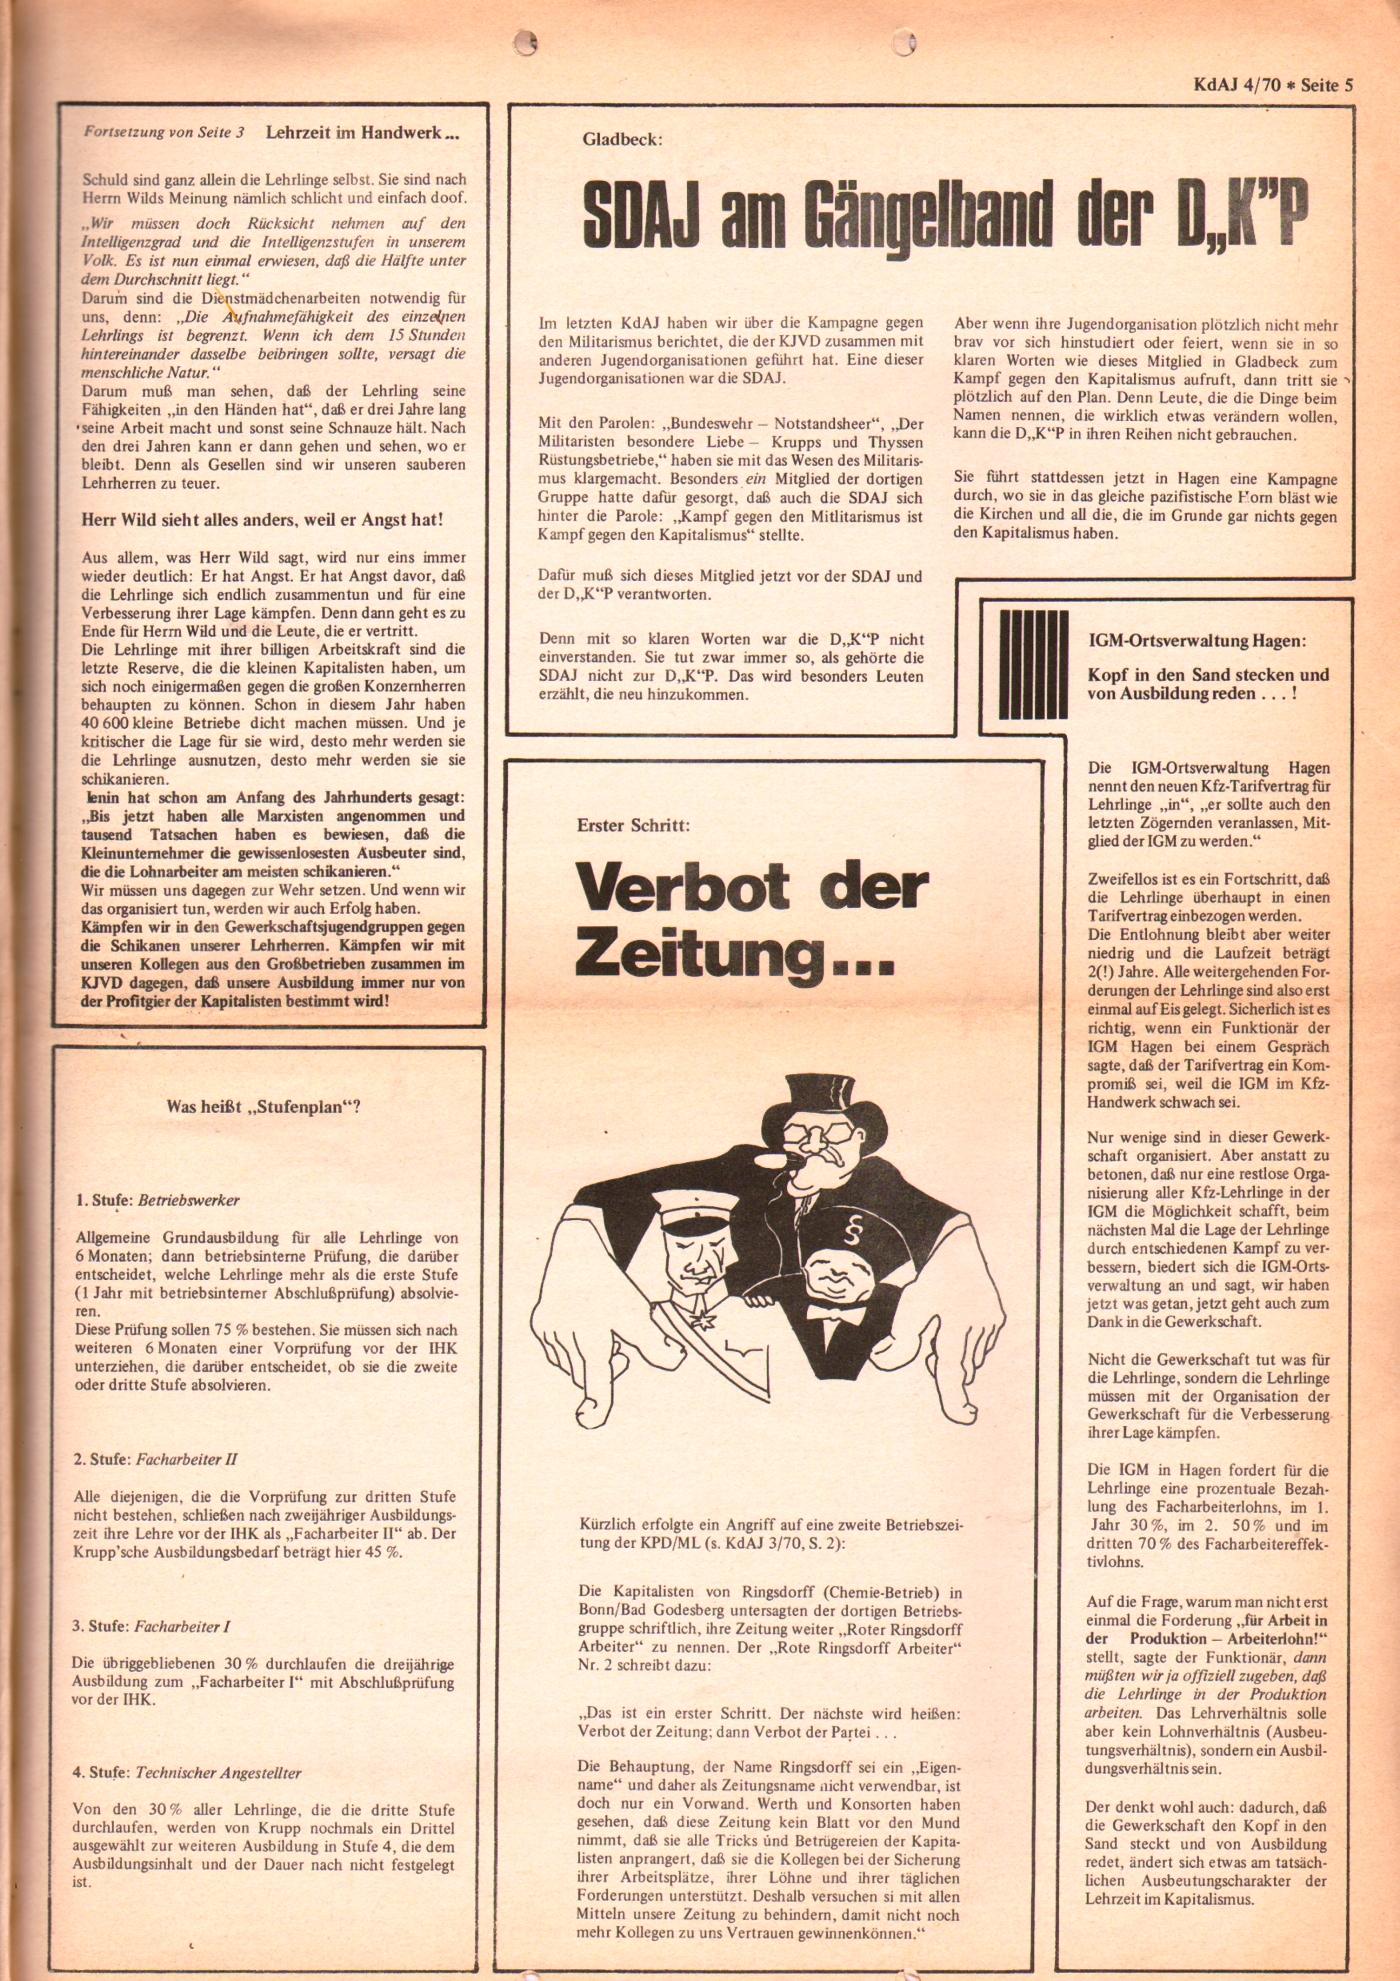 KDAJ, 1. Jg., September 1970, Nr. 4, Seite 5